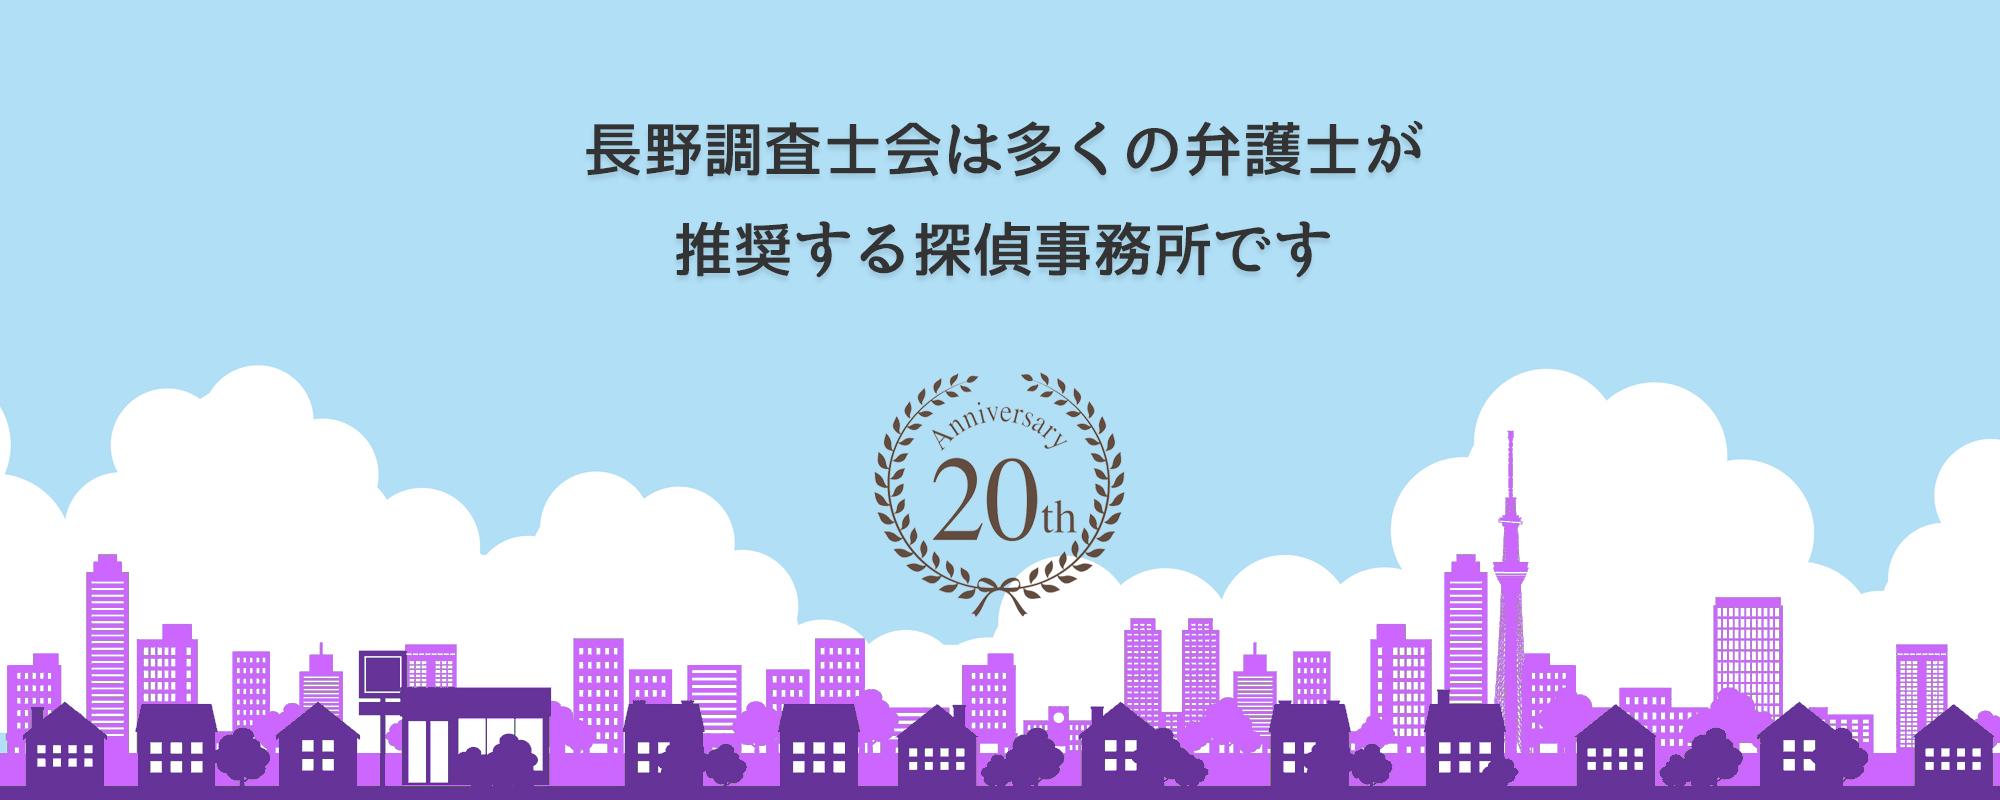 長野相談室は多くの弁護士事務所に推奨されています。